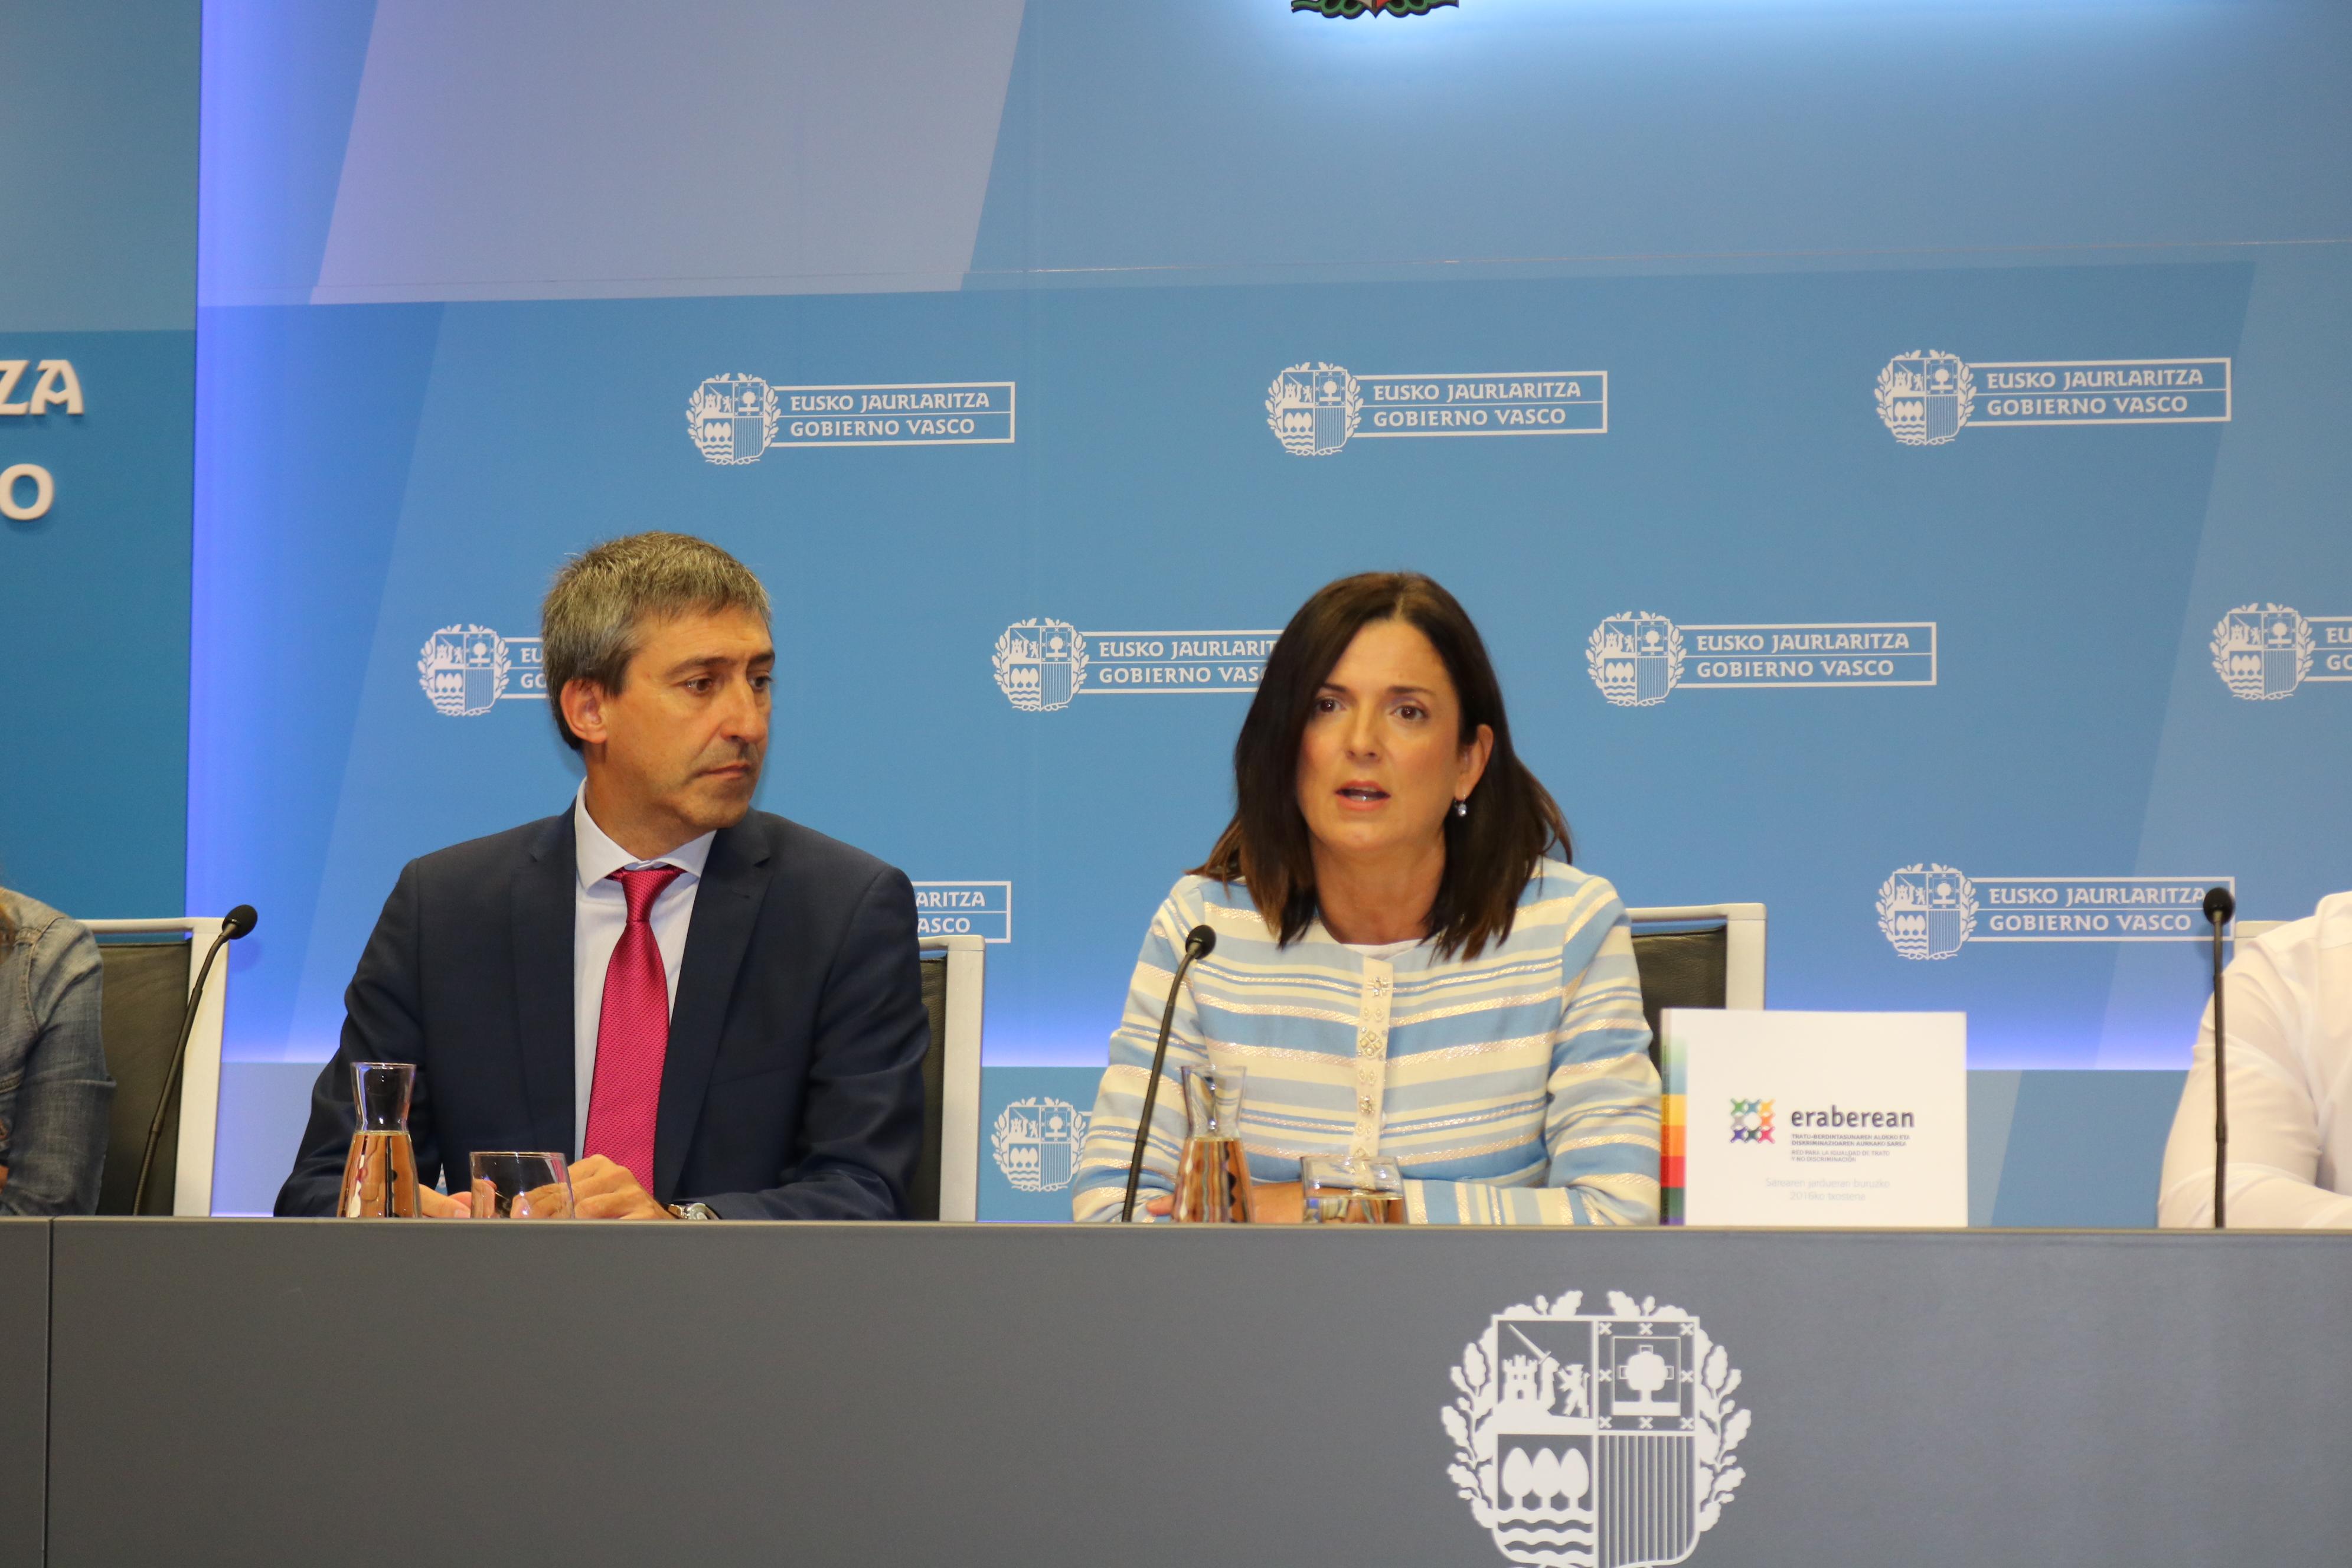 """Artolazabal: """"La Red Eraberean crece y se erige como referente en materia de no discriminación"""""""